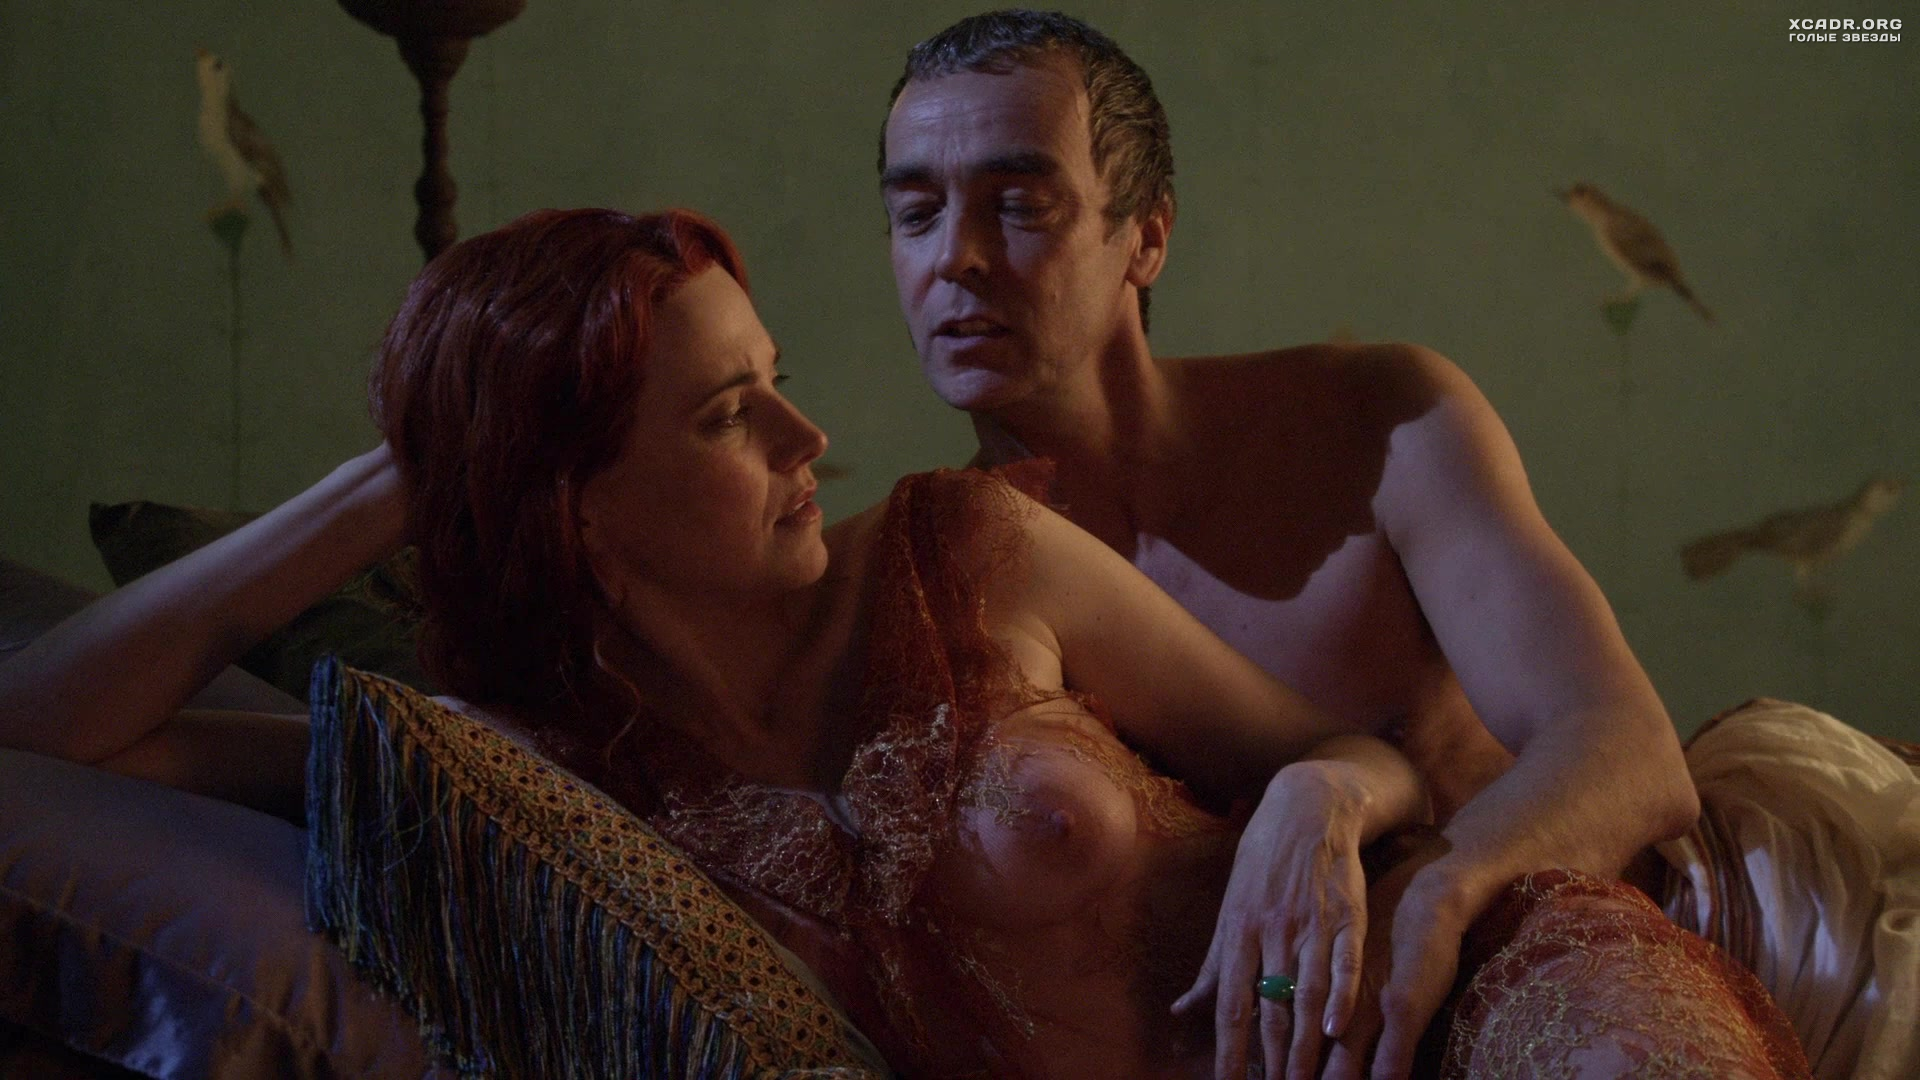 Лоулесс люси порно из фильма спартак